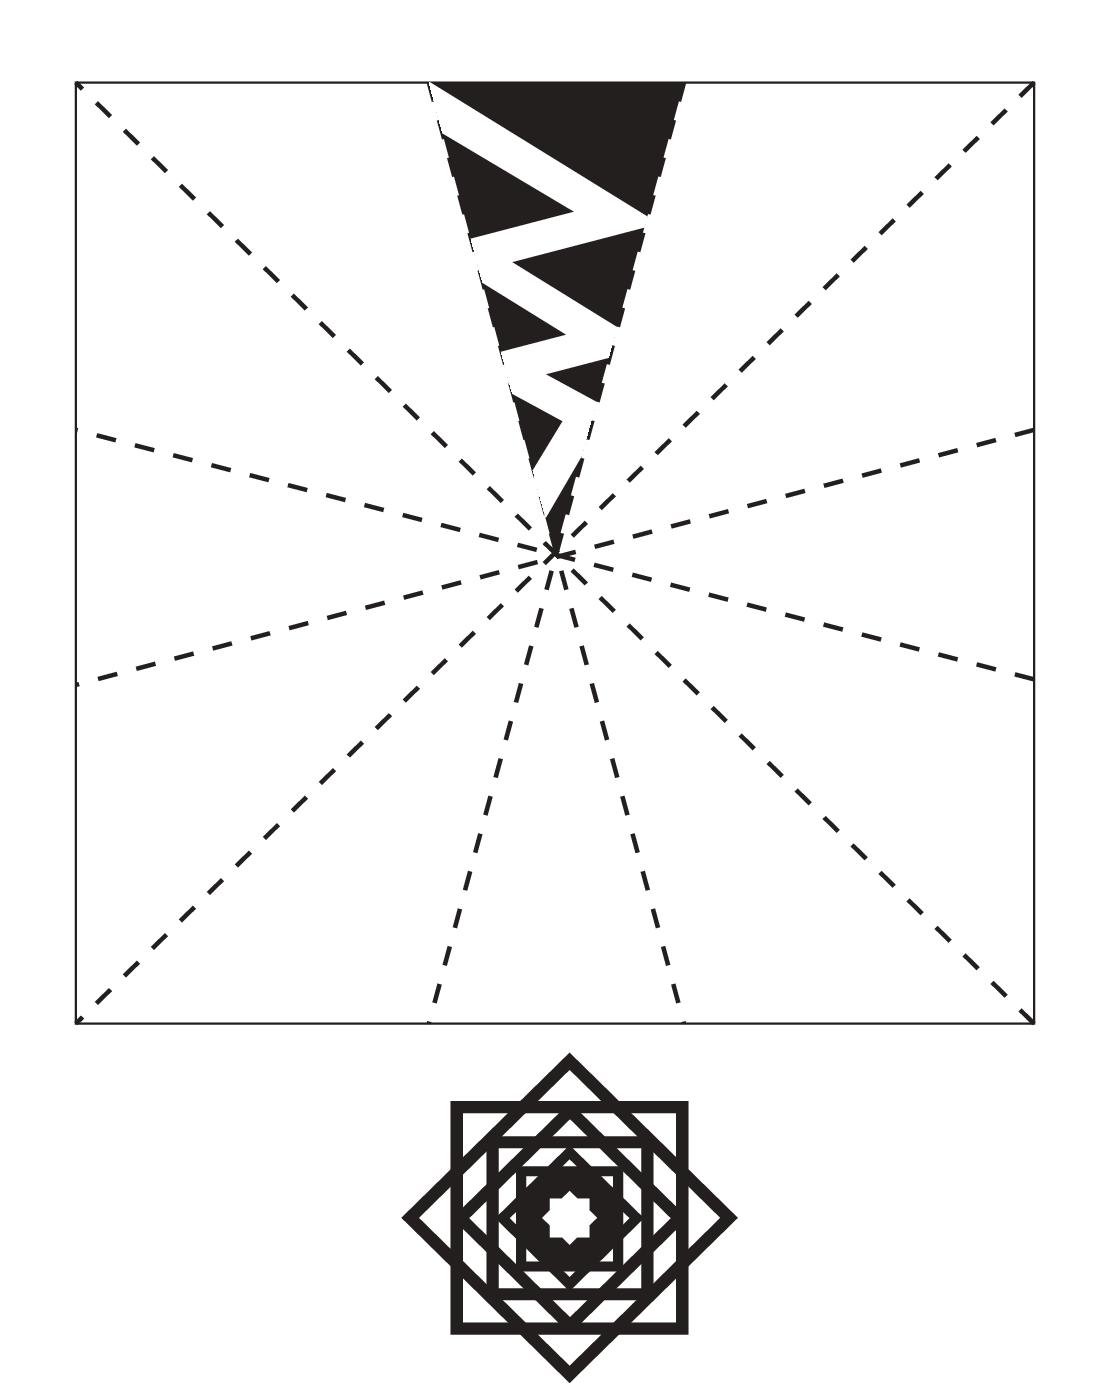 Шаблон для вырезания Снежинка из квадратов